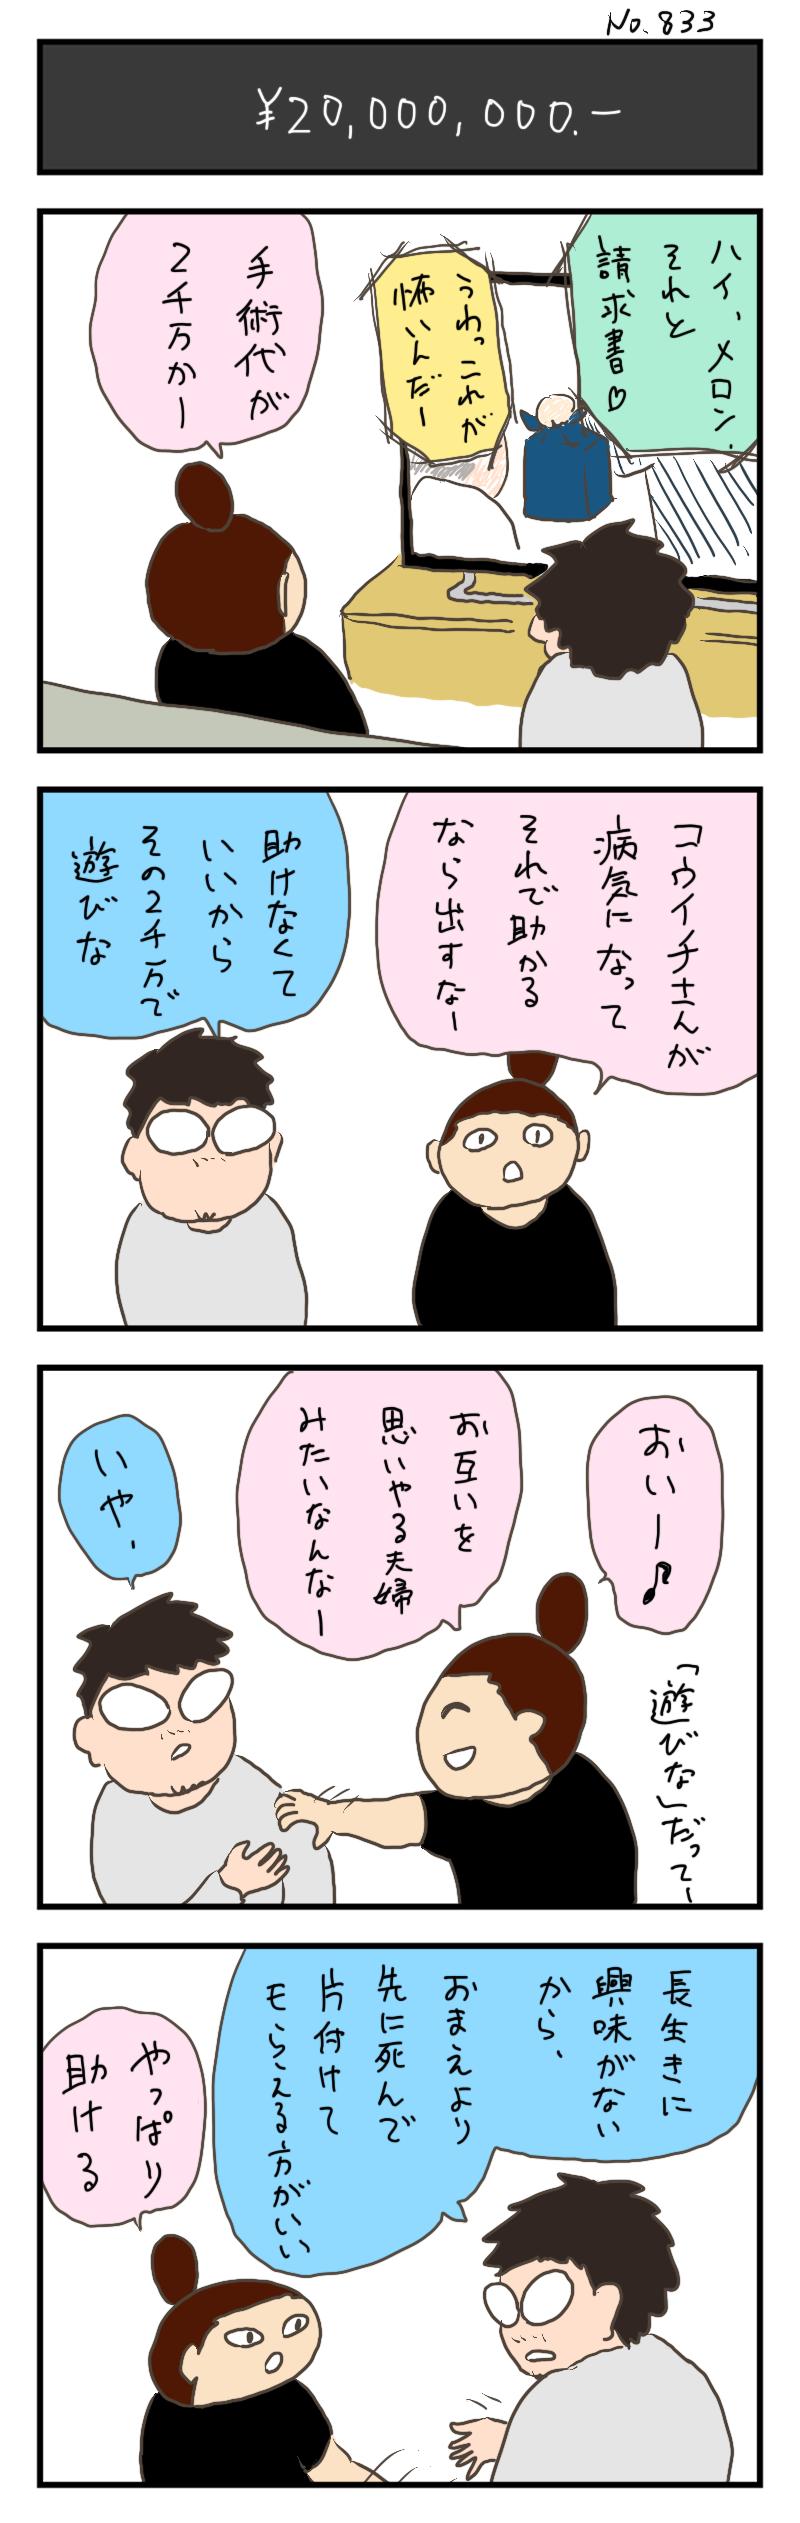 833-手術代-二千万円